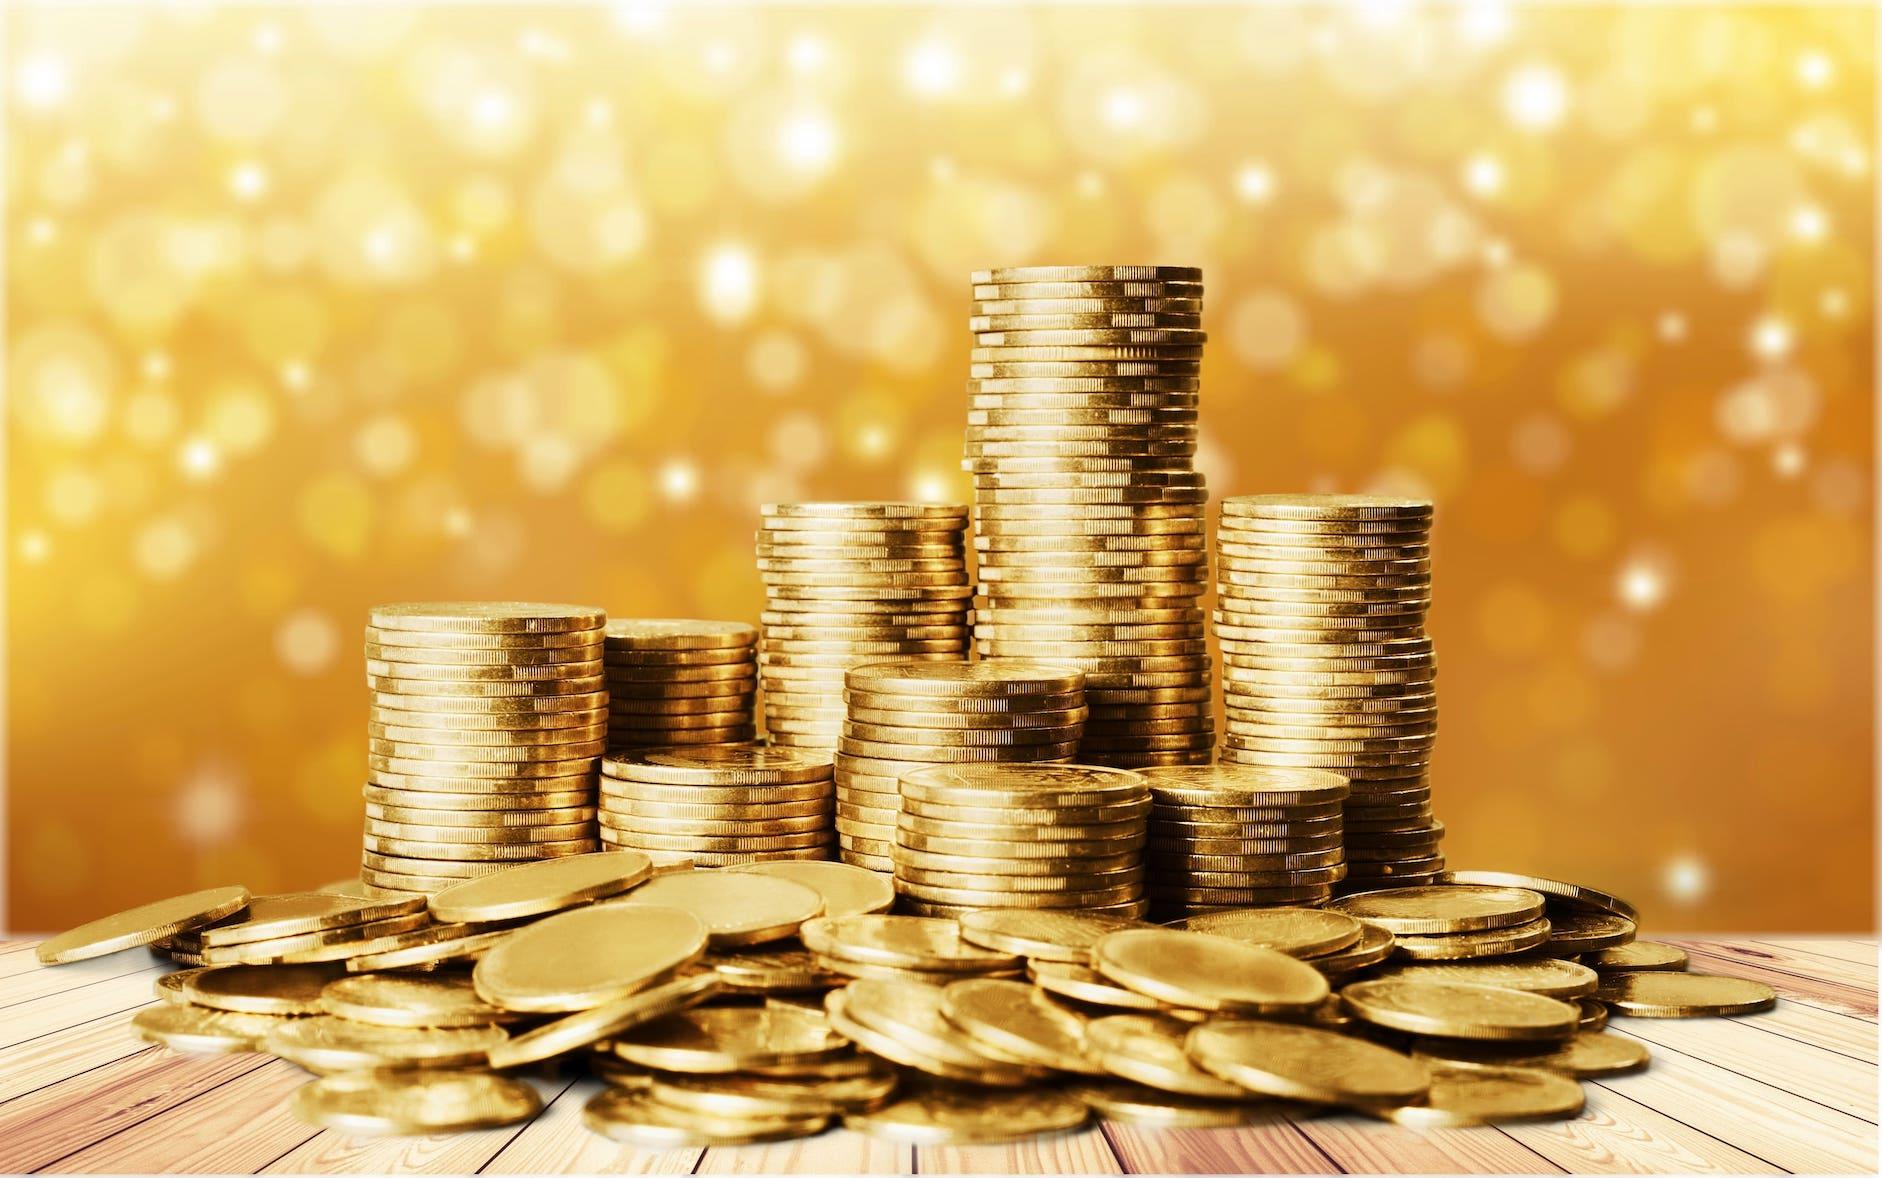 仮想通貨でお金持ちや億万長者にはなれる?